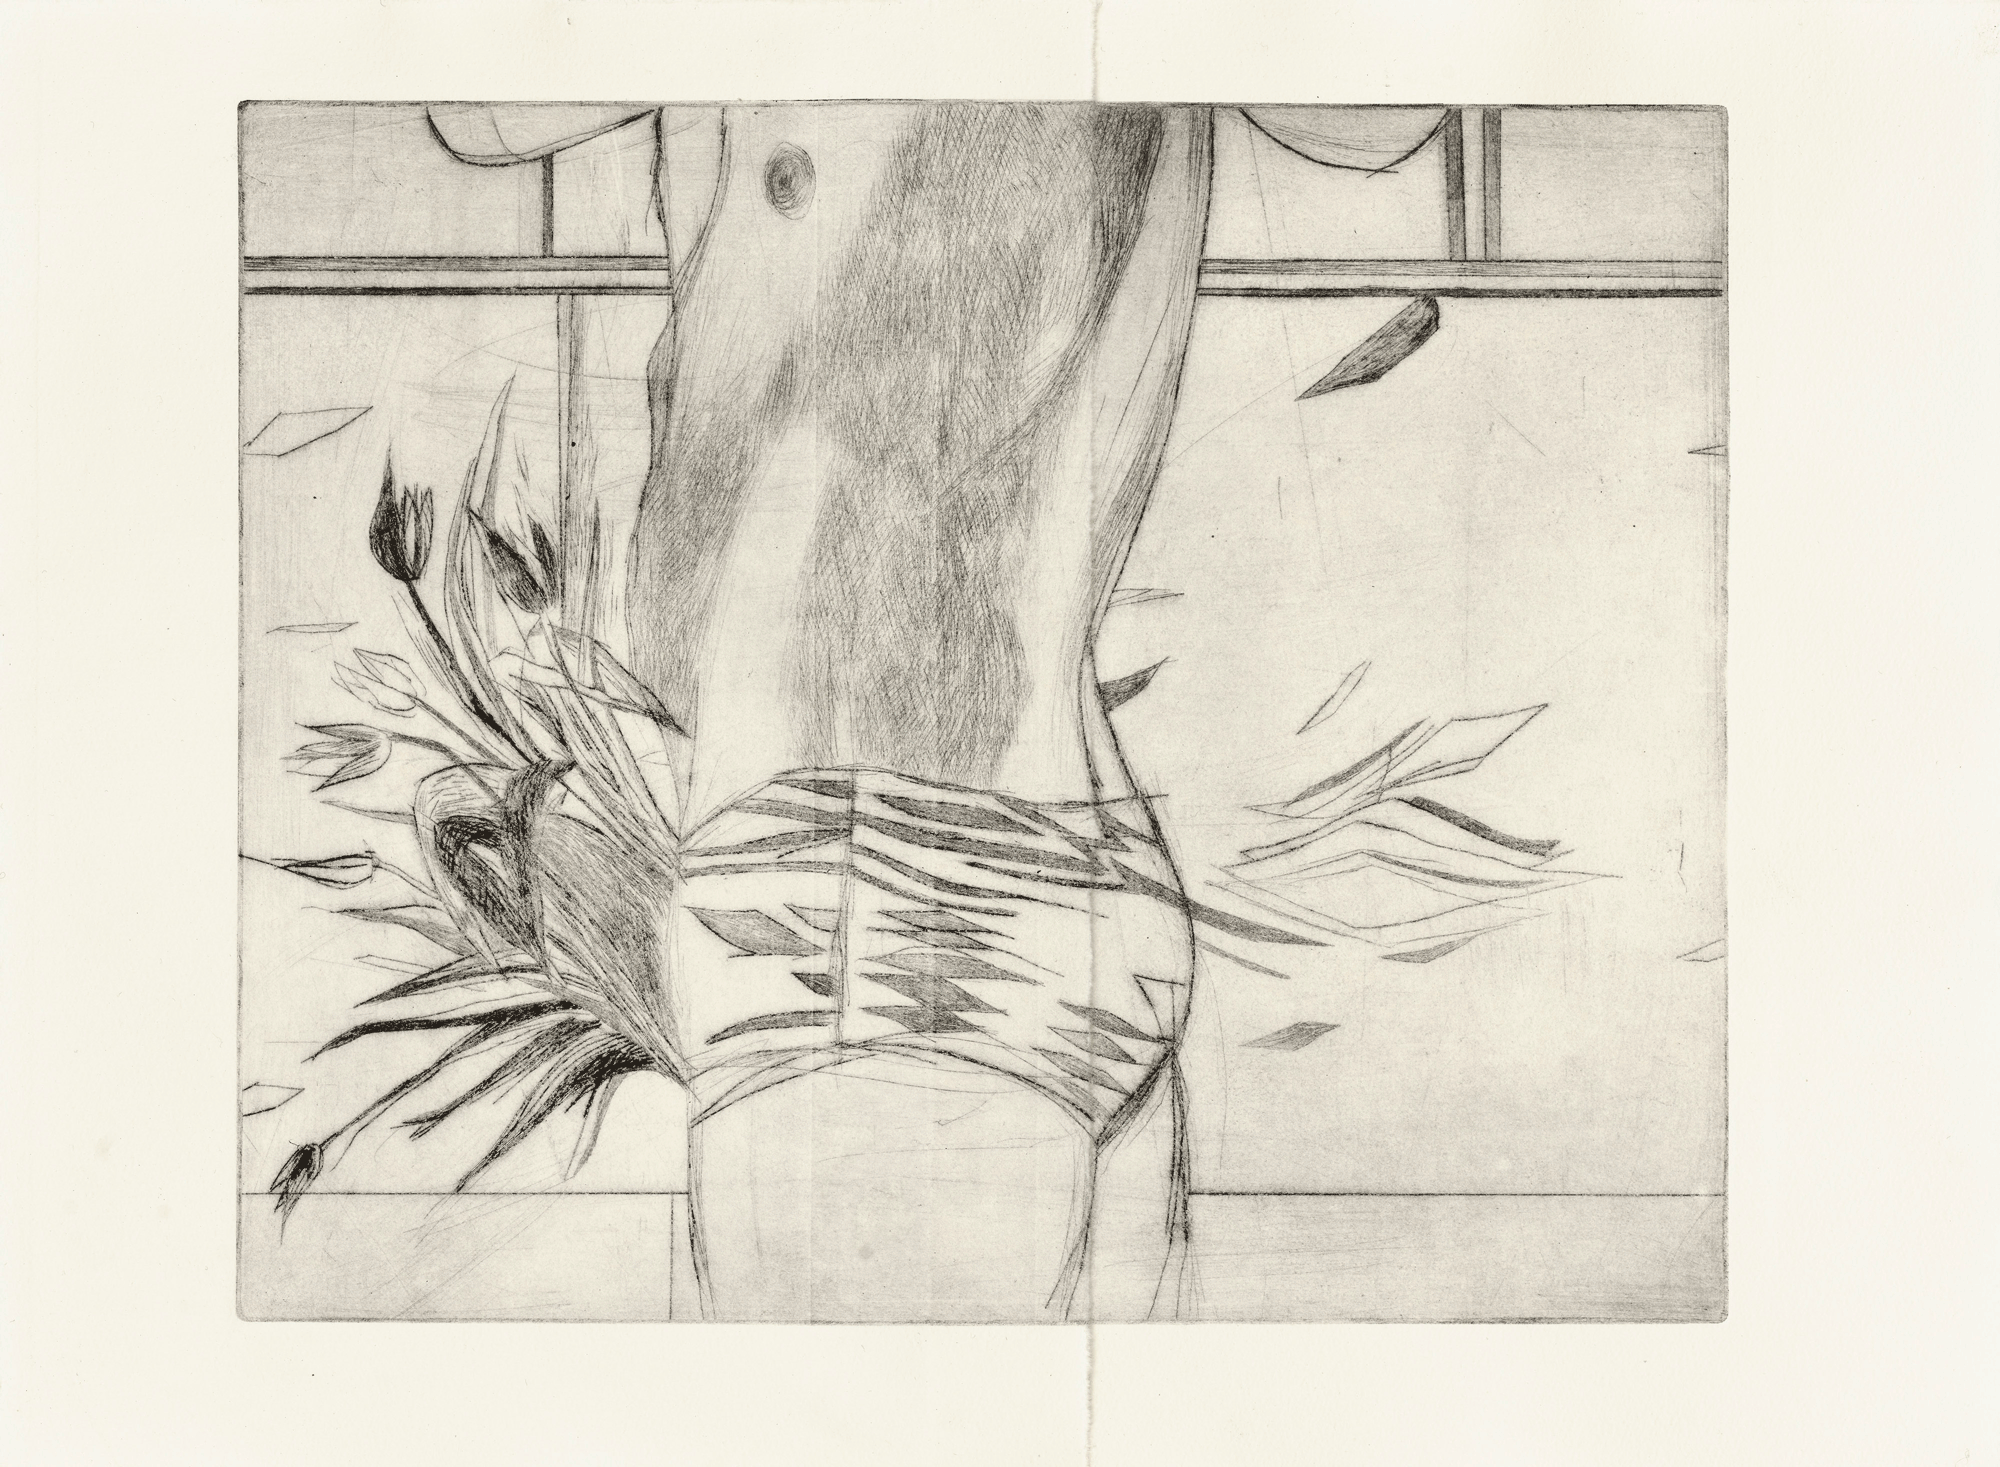 Yvonne Andreini, Blumen, 2021, 30 x 40 cm, Kaltnadelradierung